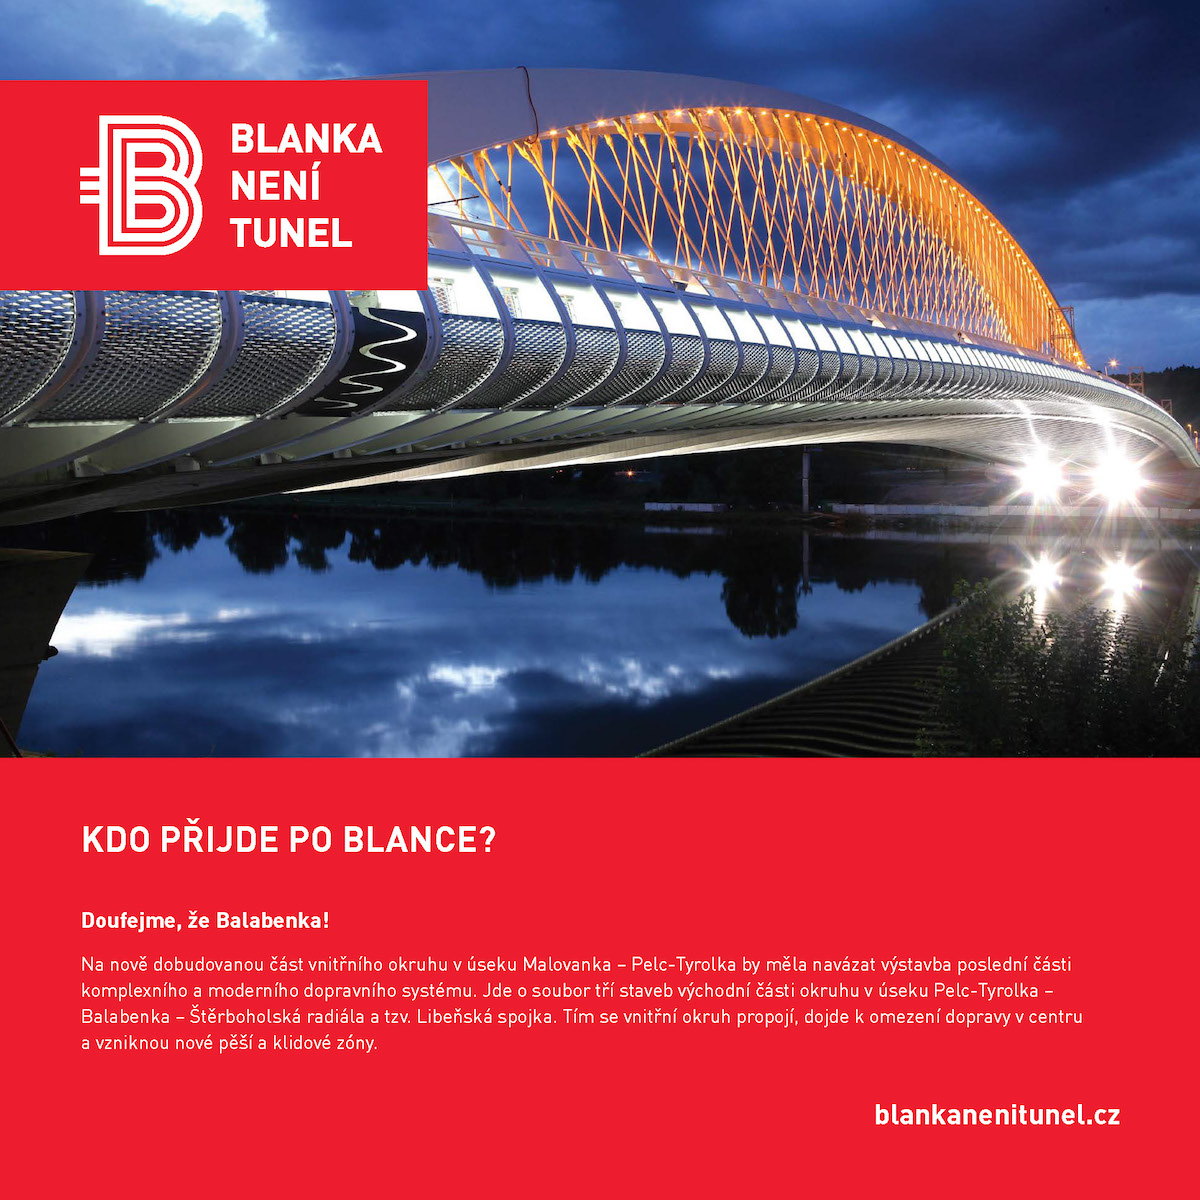 Kampaň k otevření tunelu Blanka